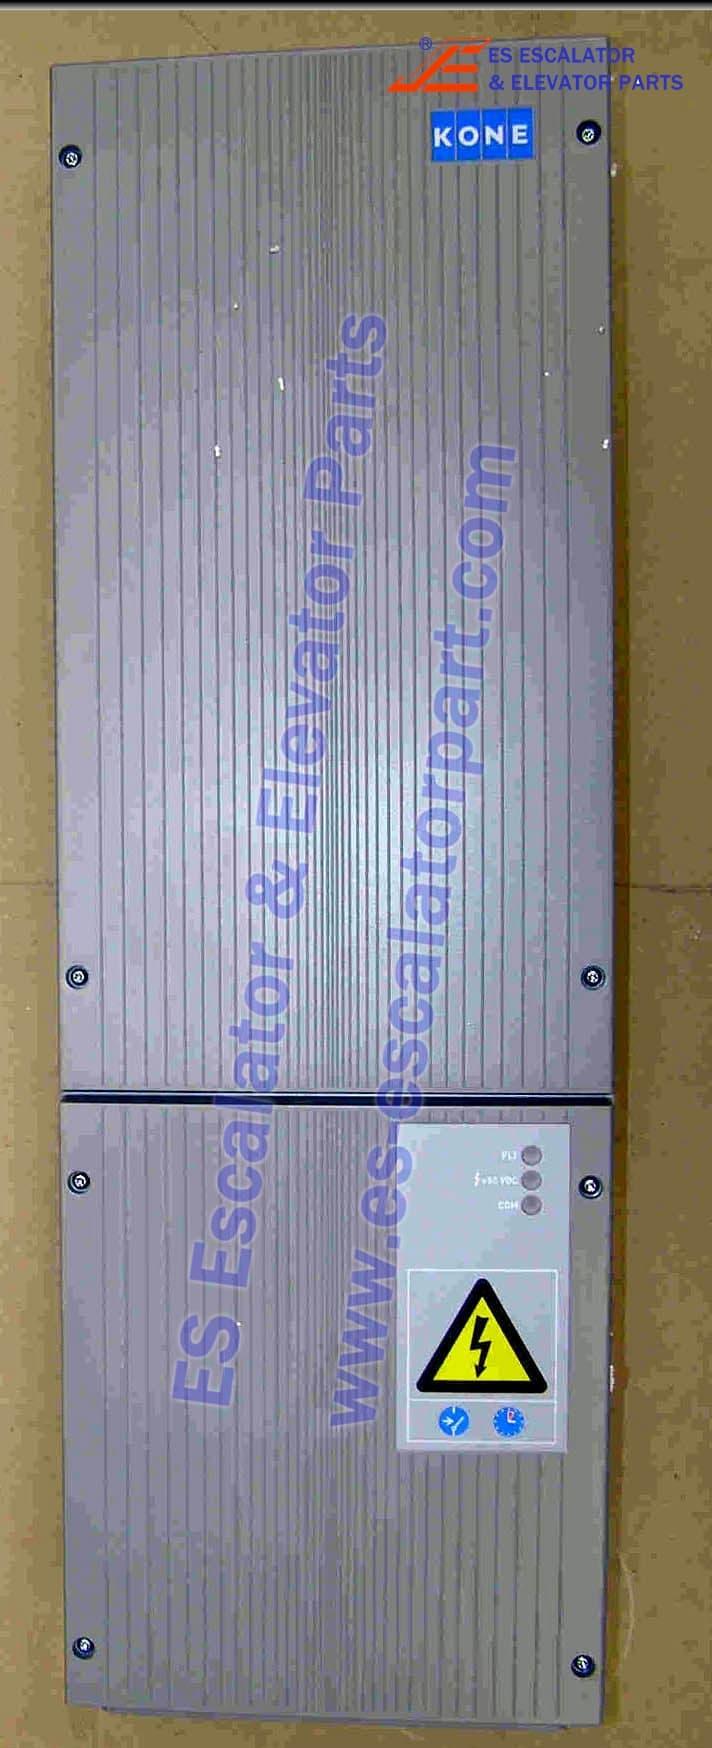 KONE Elevator KDM inverter KM997159